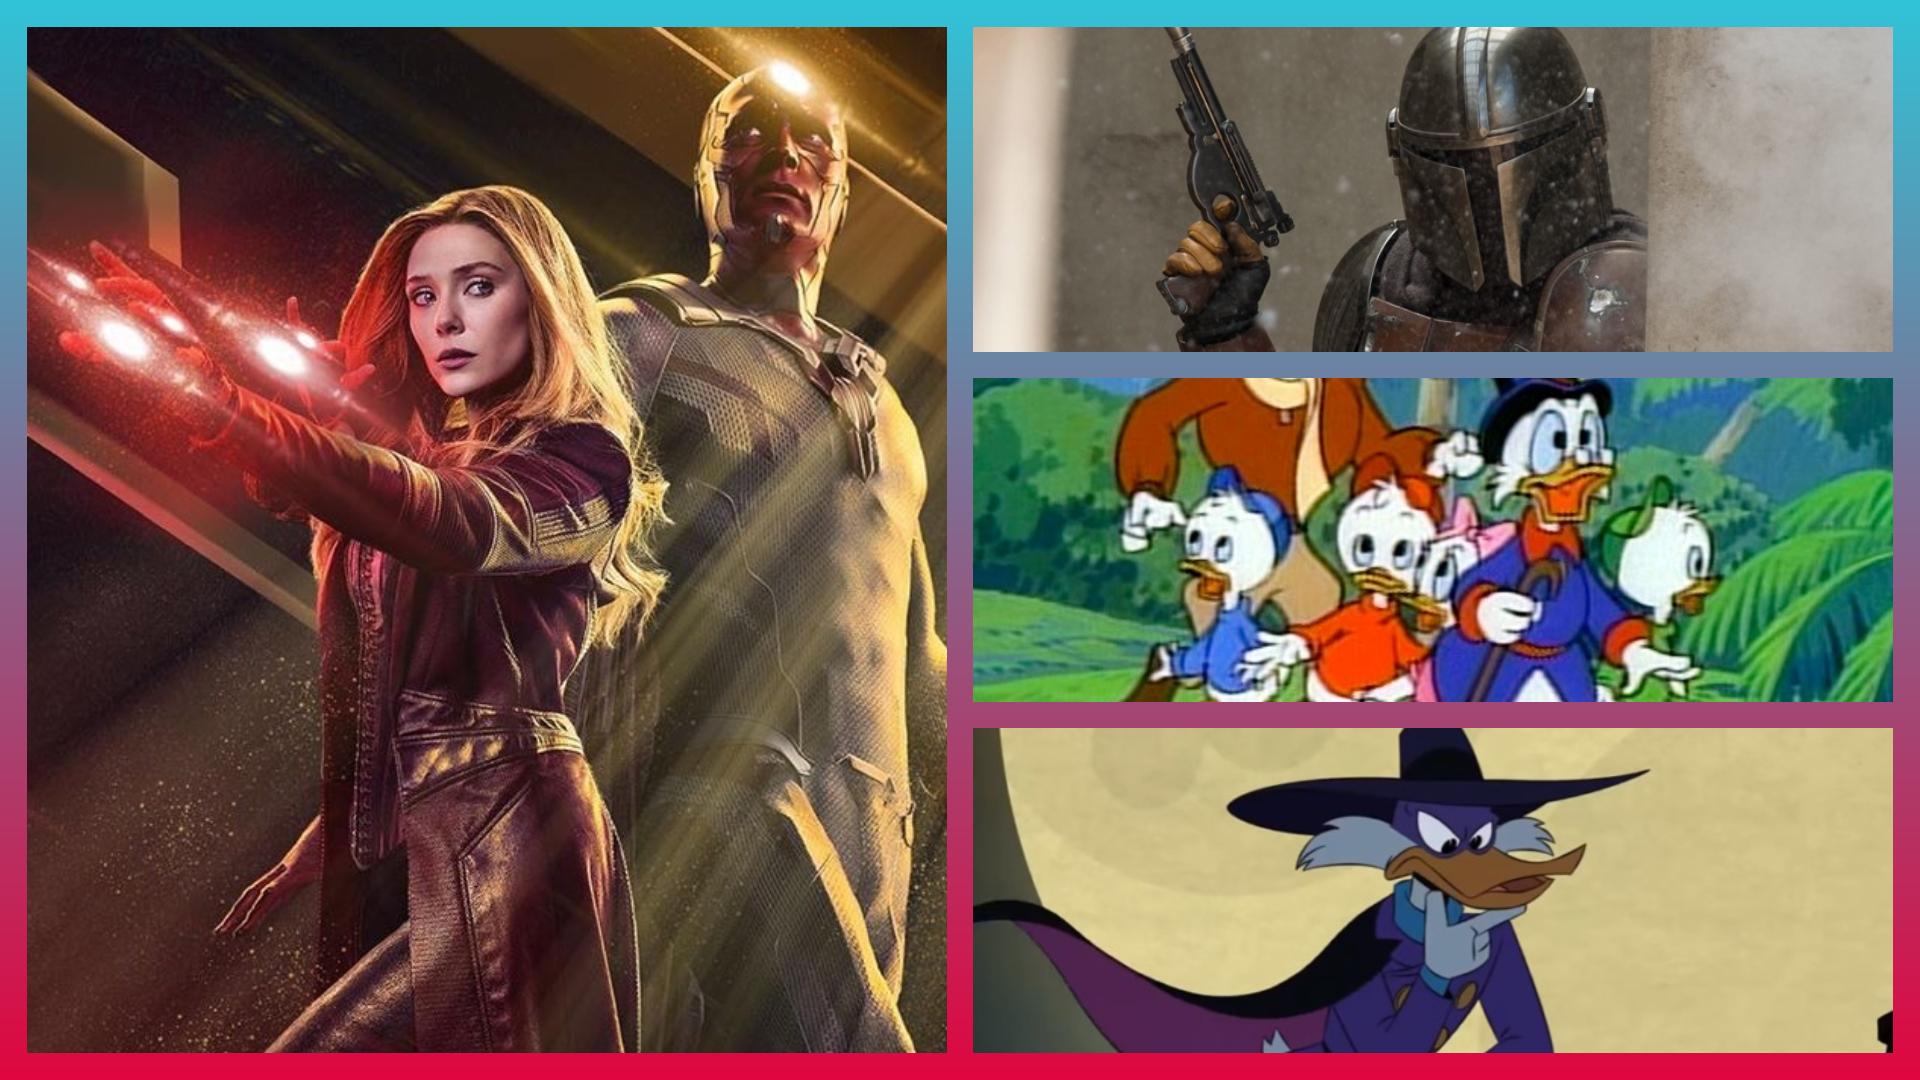 Il catalogo di Disney+: dai grandi classici (Darkwing Duck, Ducktales) alle novità (Marvel, Star Wars)